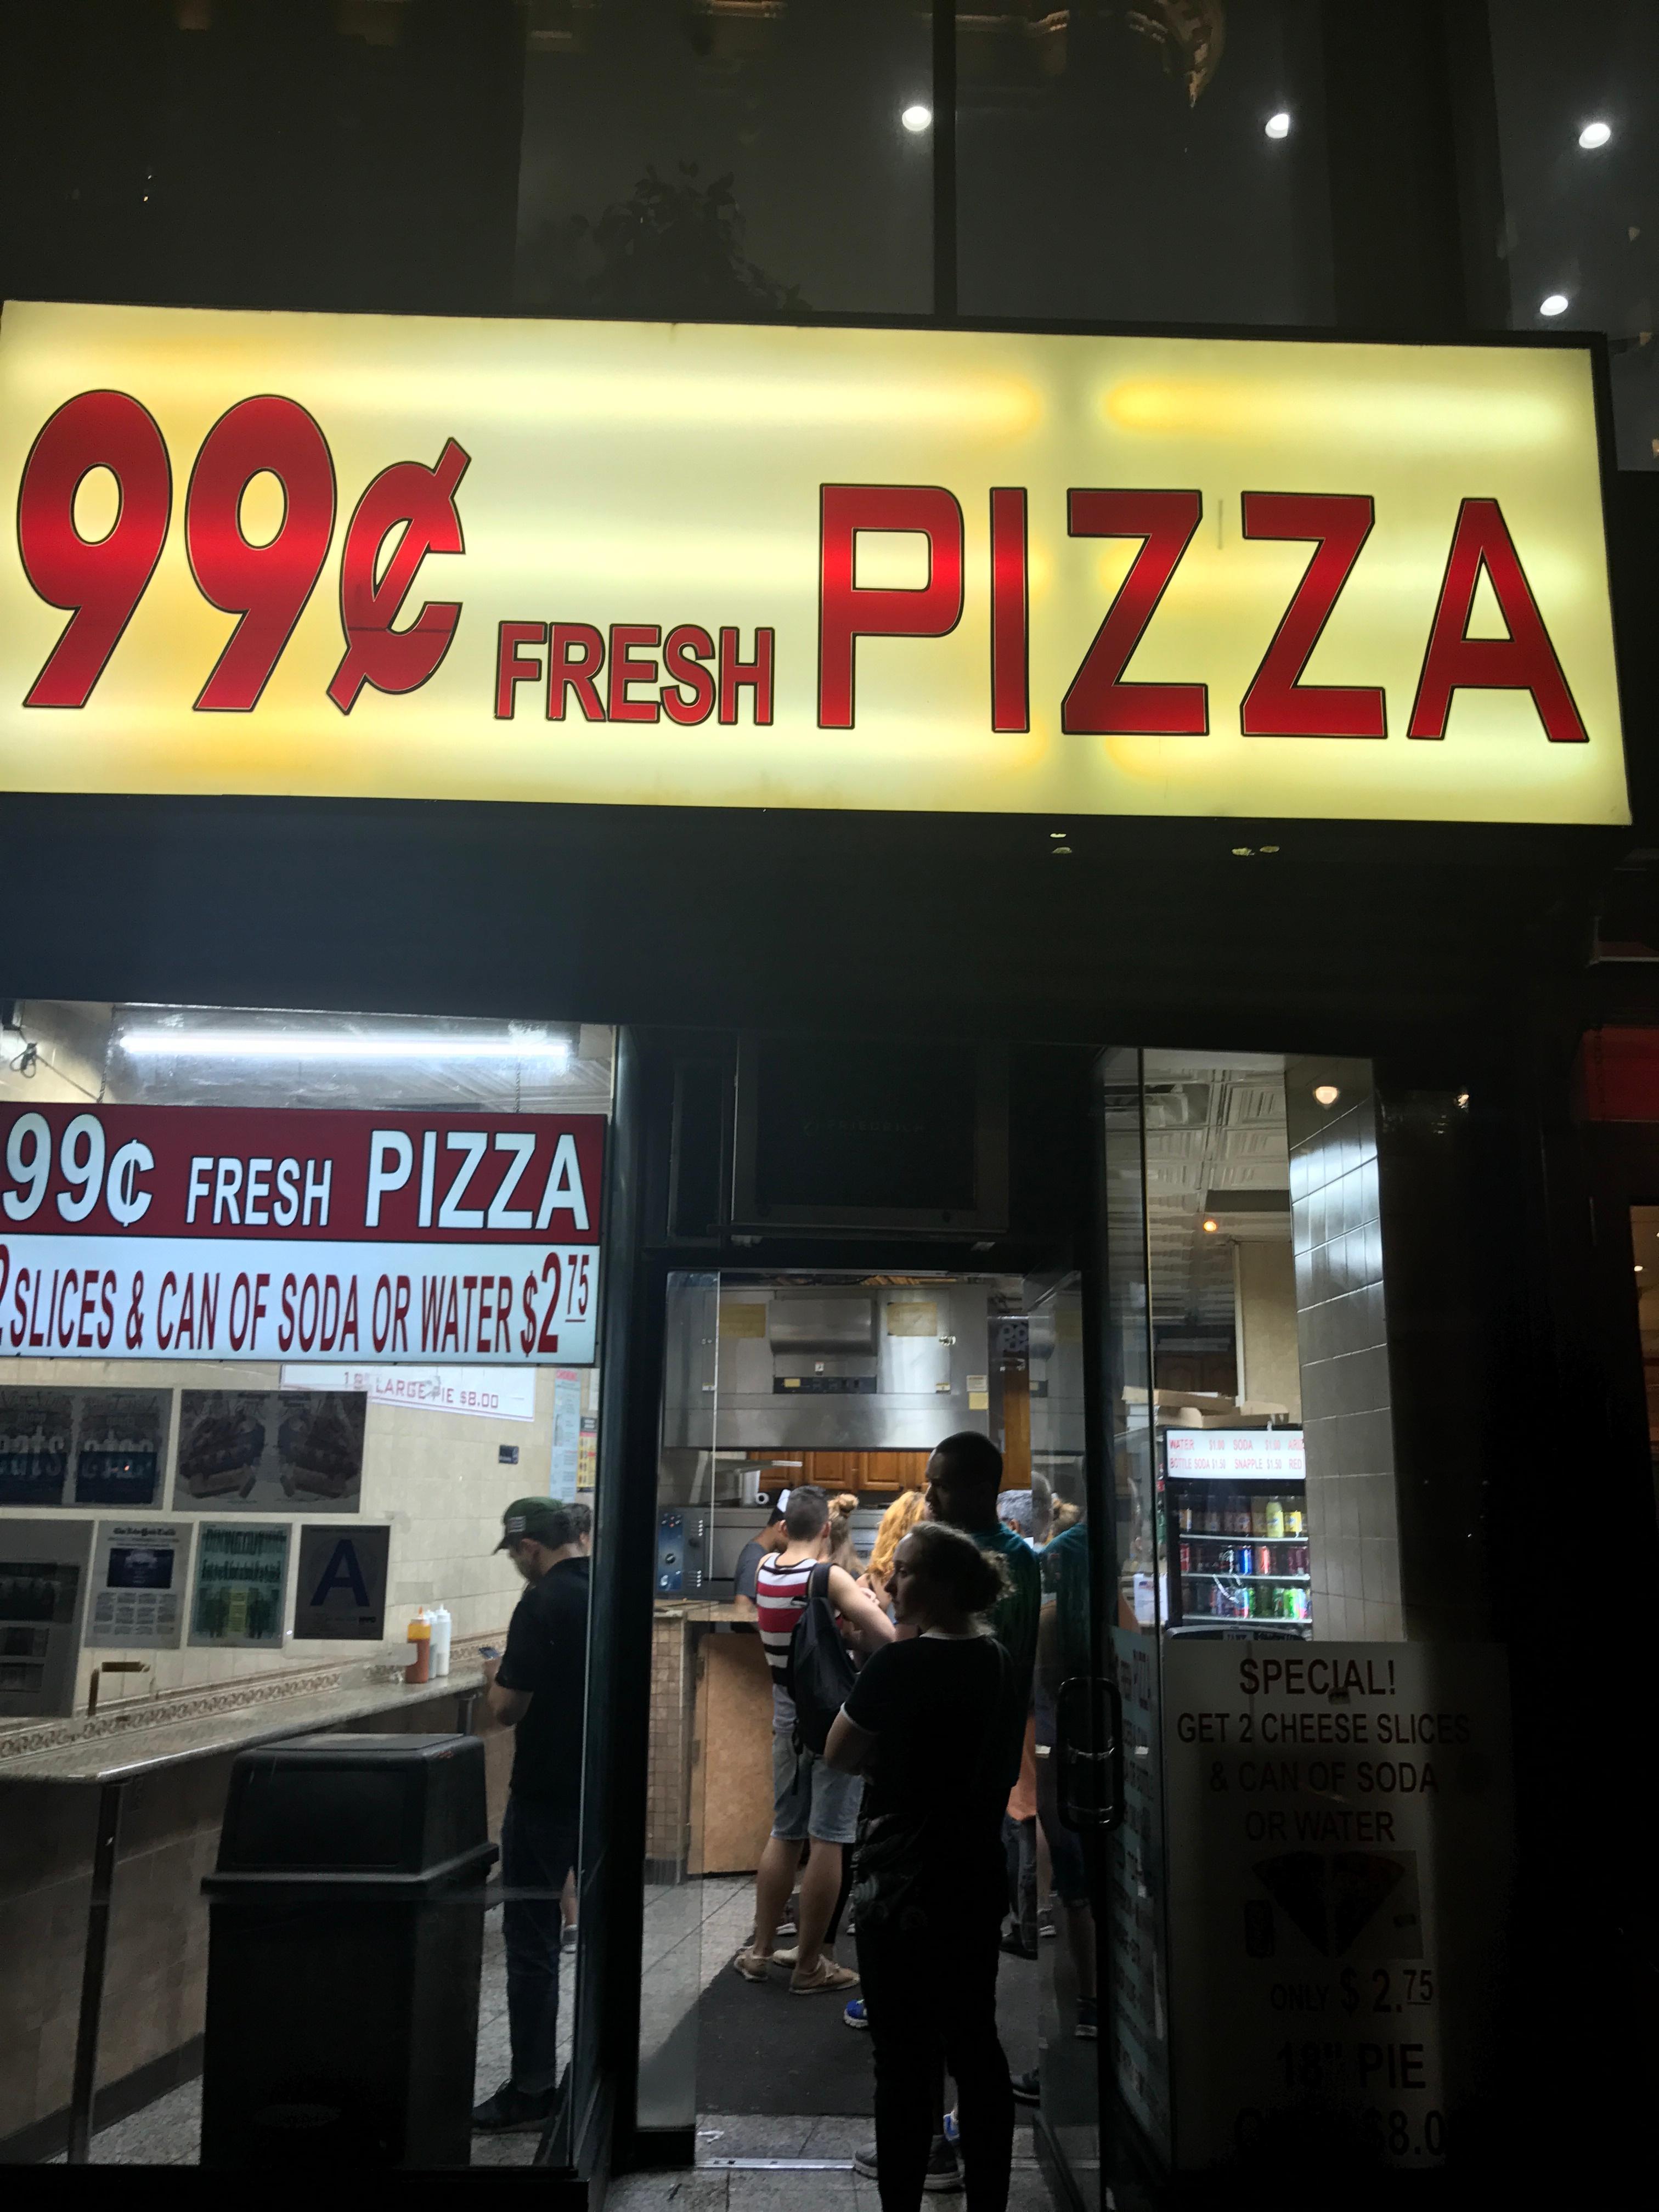 99 Cents Fresh Pizza 1723 Broadway New York NY 10019 USA